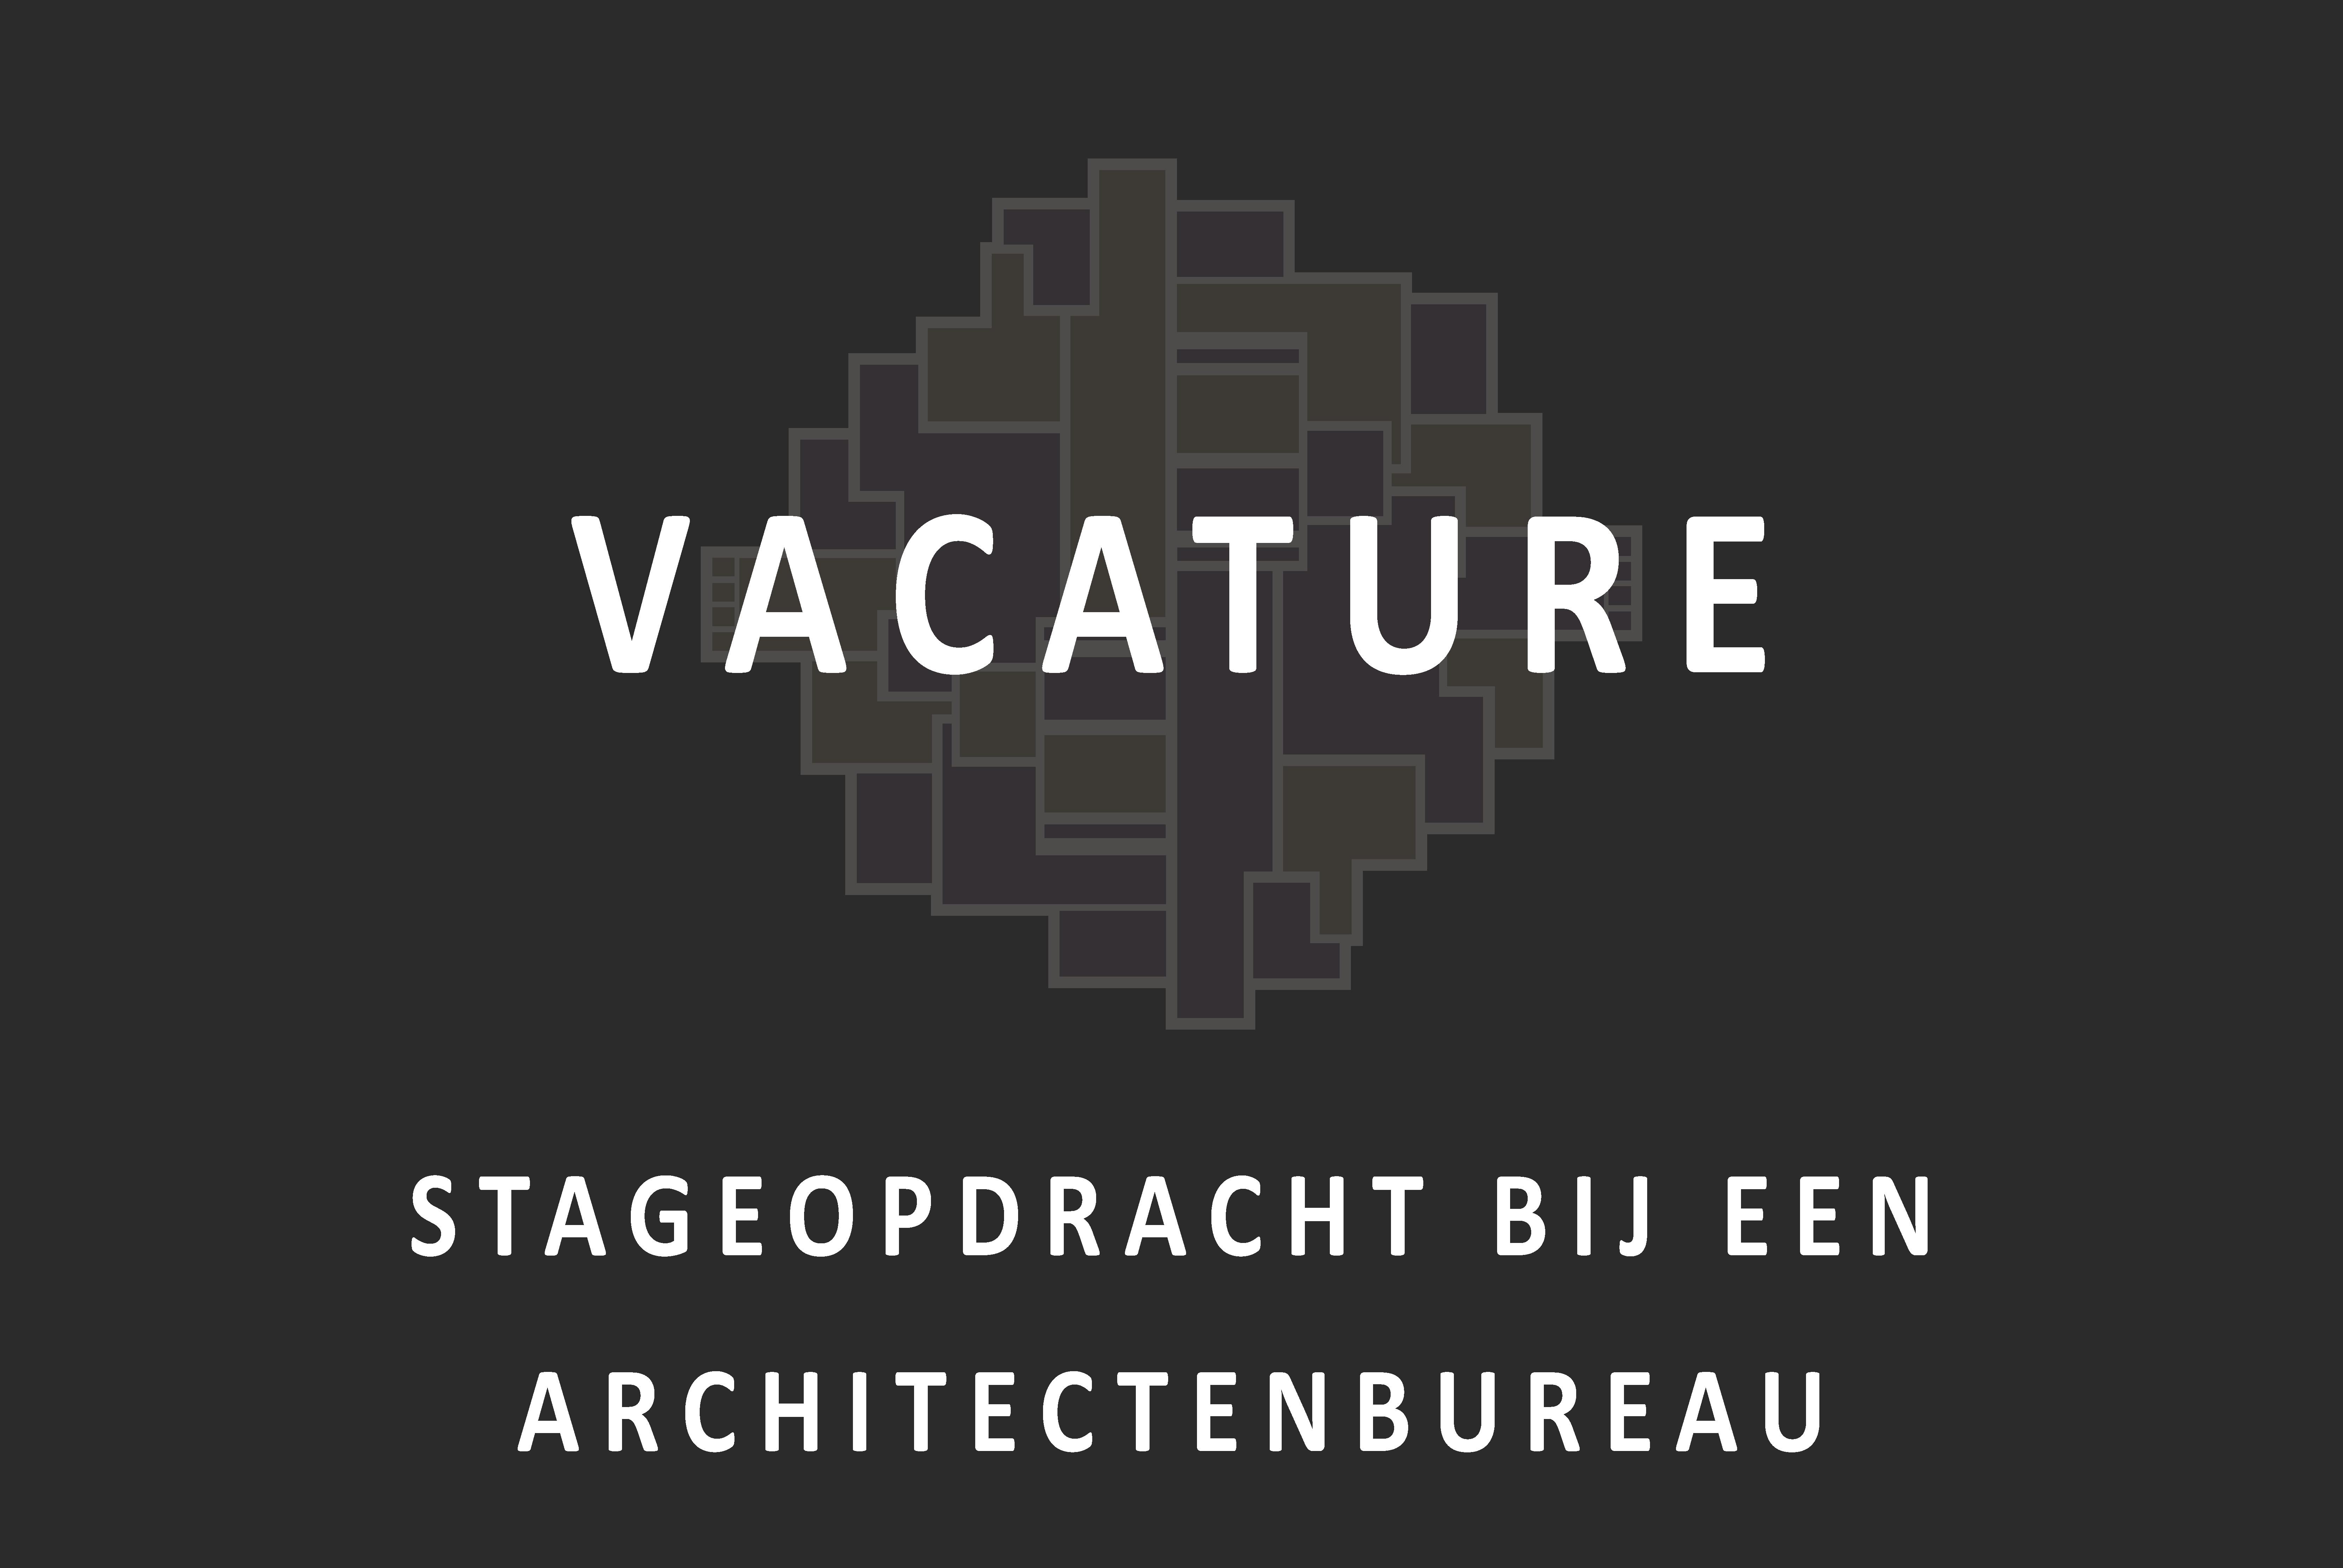 Vacature_Stageopdracht bij een architectenbureau